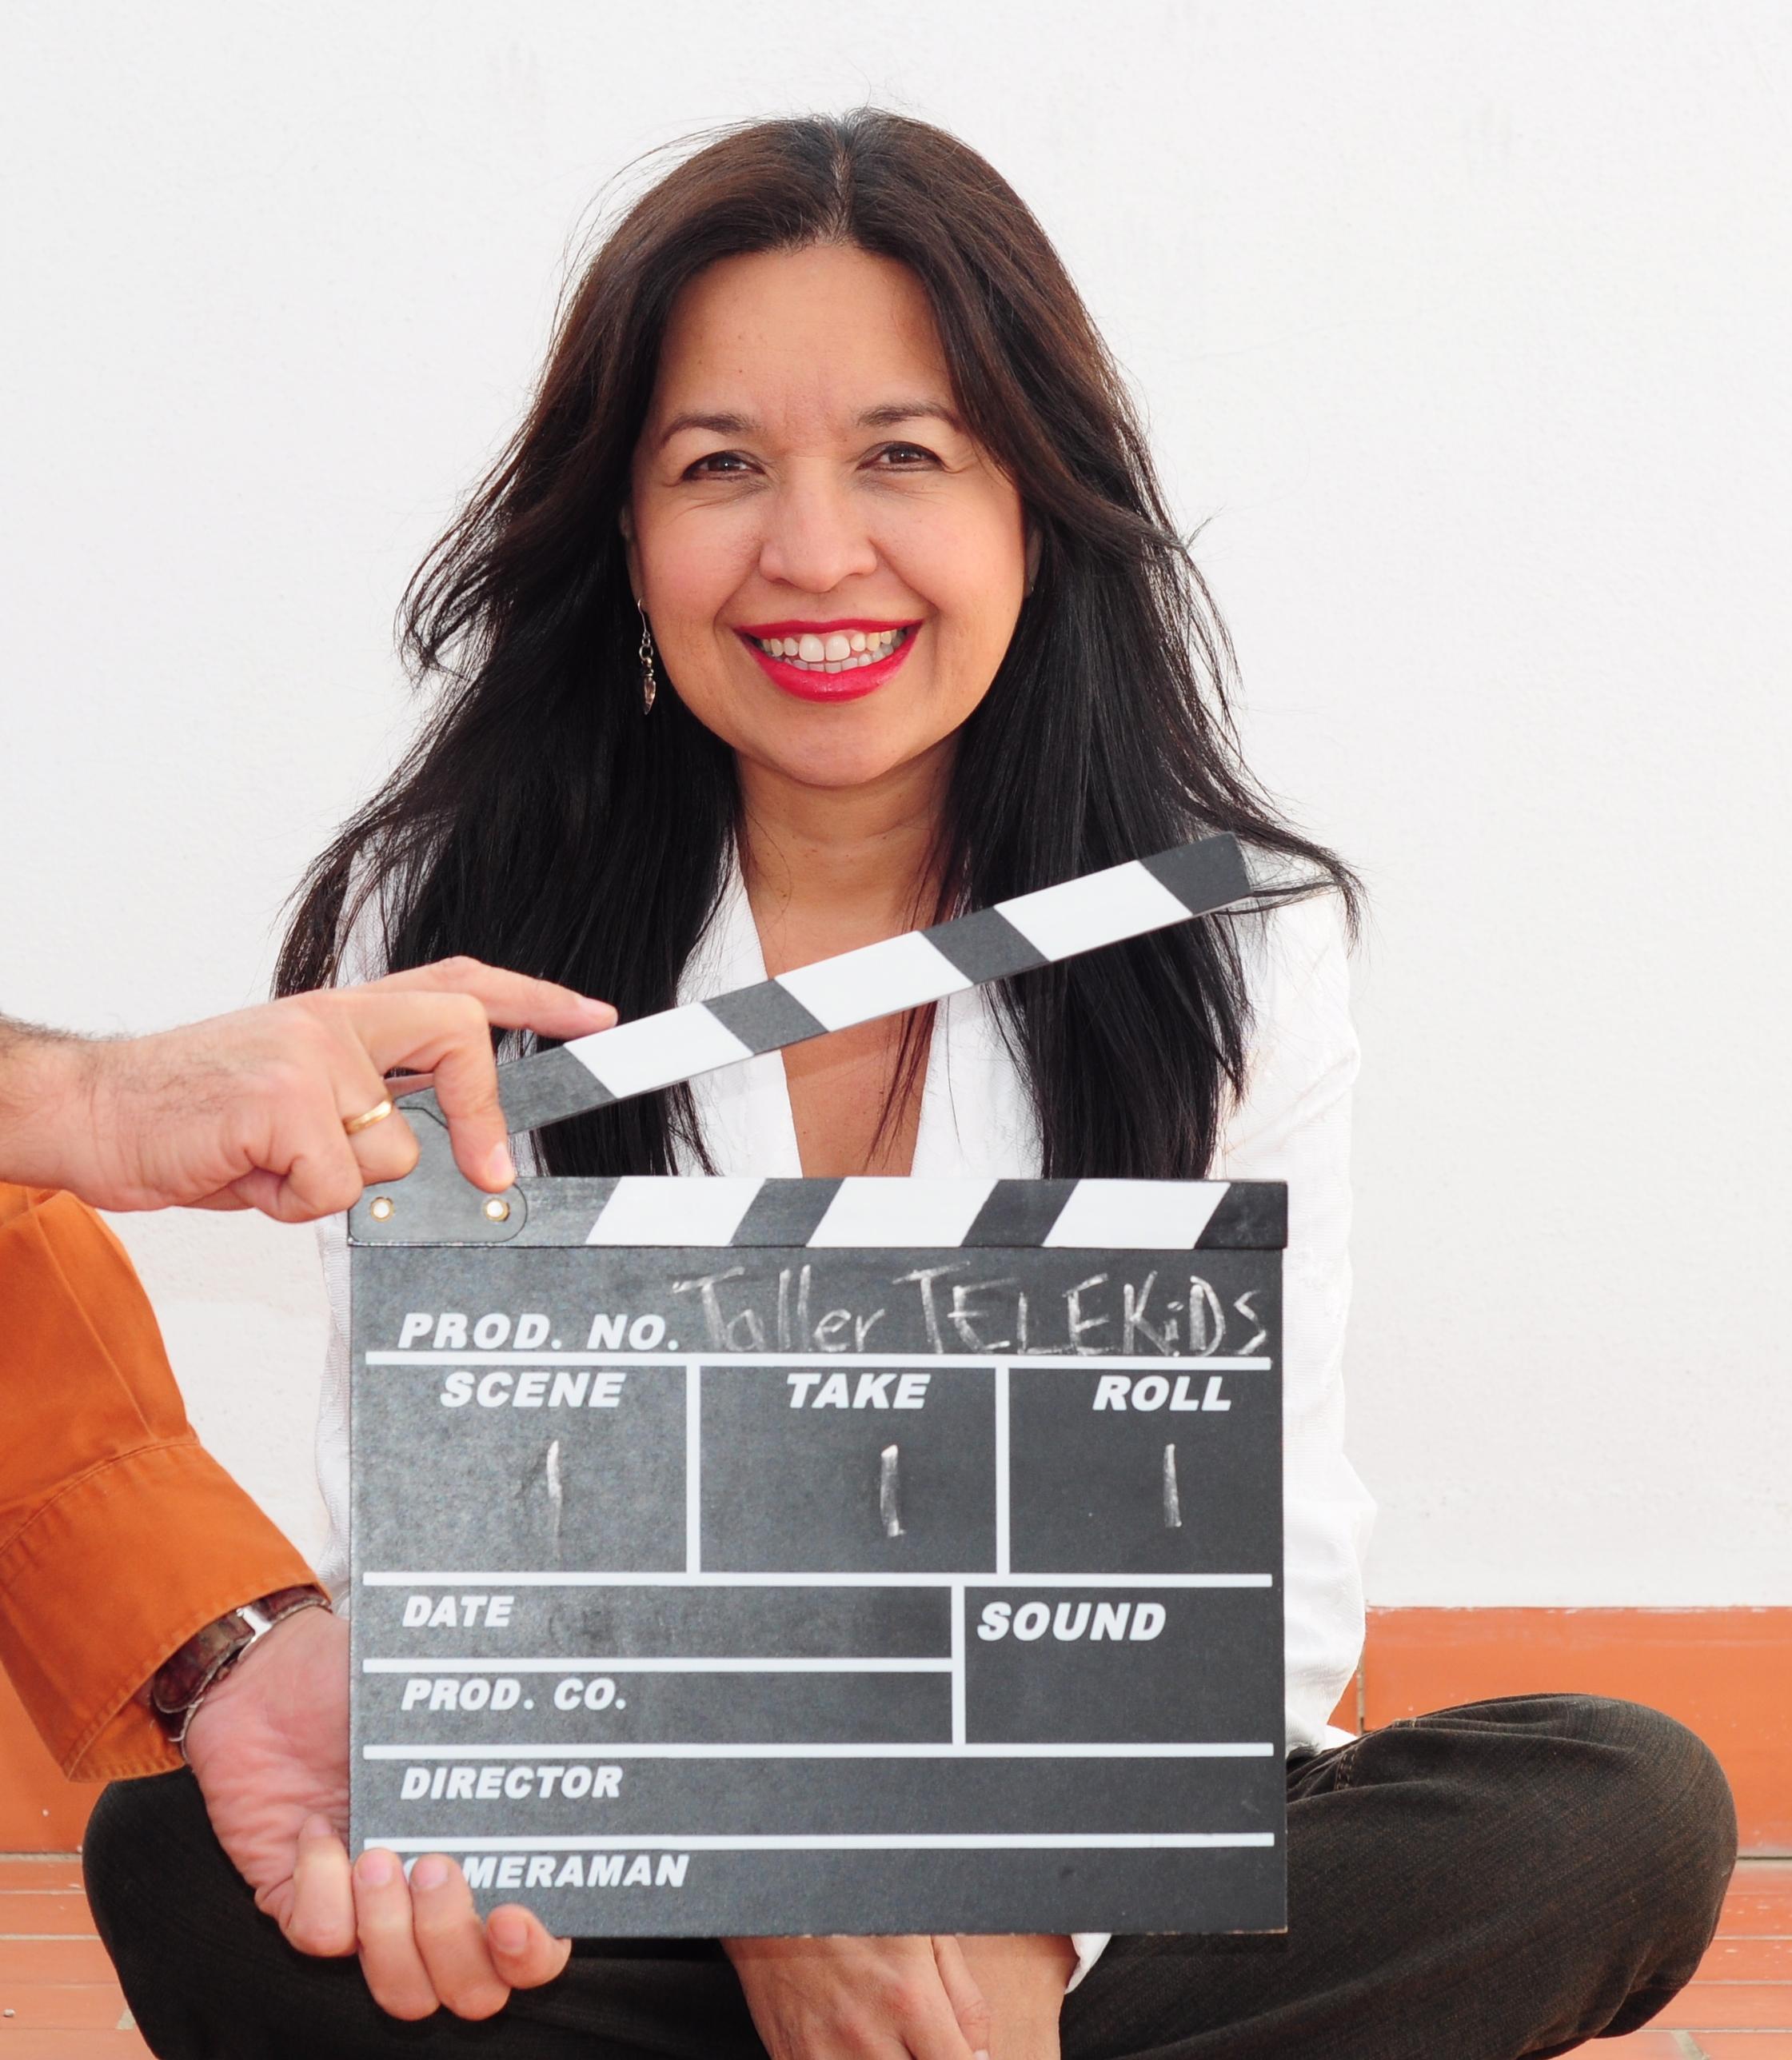 Jacqueline Sanchez-Carrero